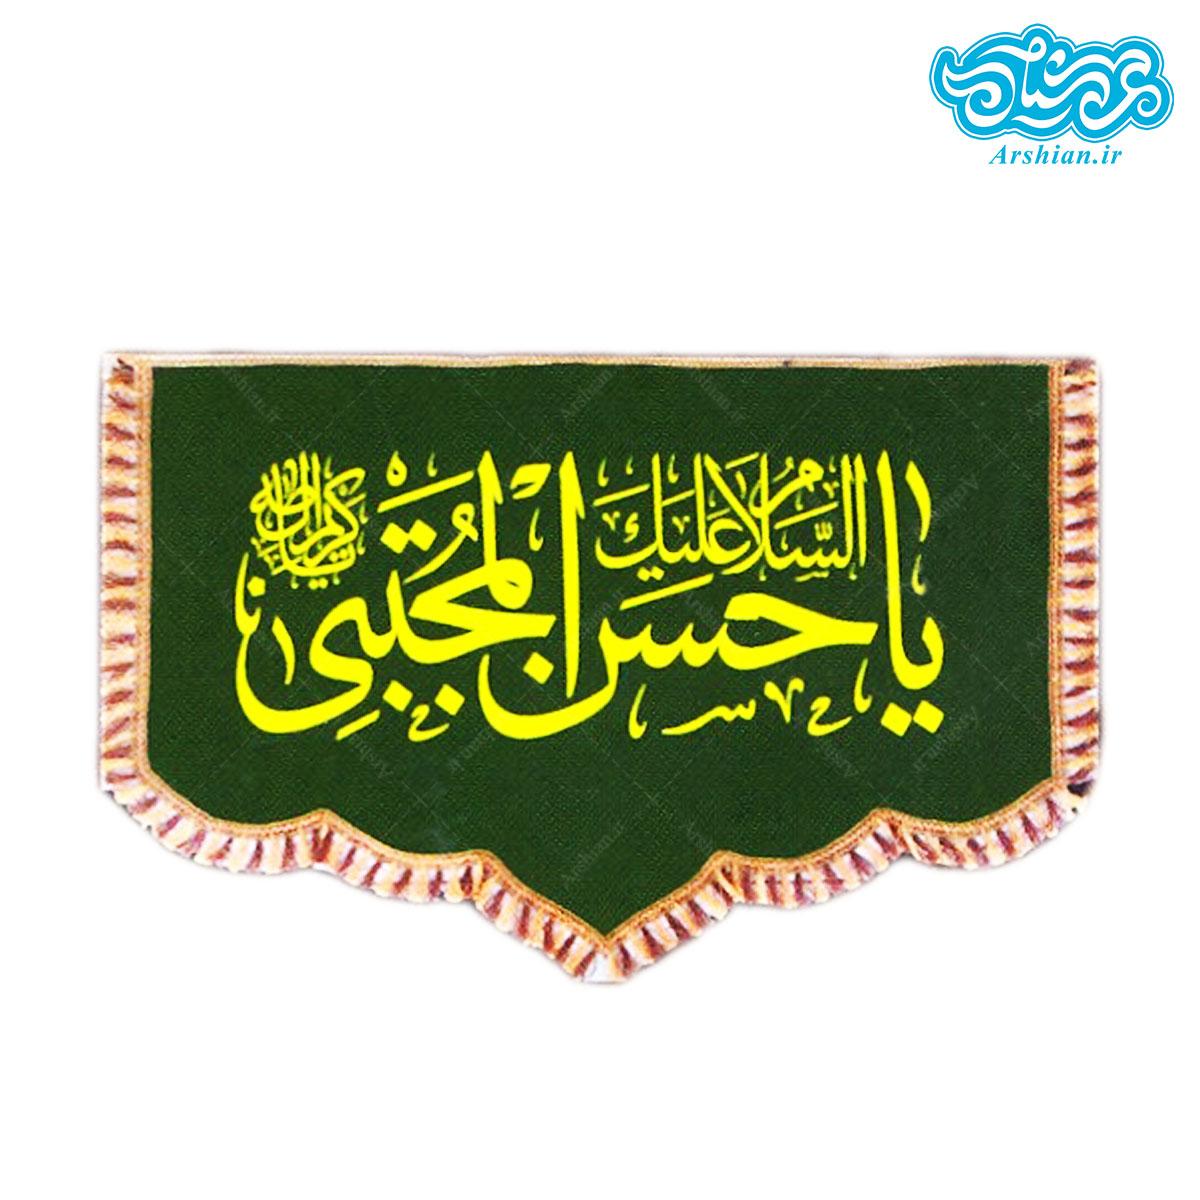 پرچم مخمل پشت منبری السلام علیک یا امام حسن کد 008